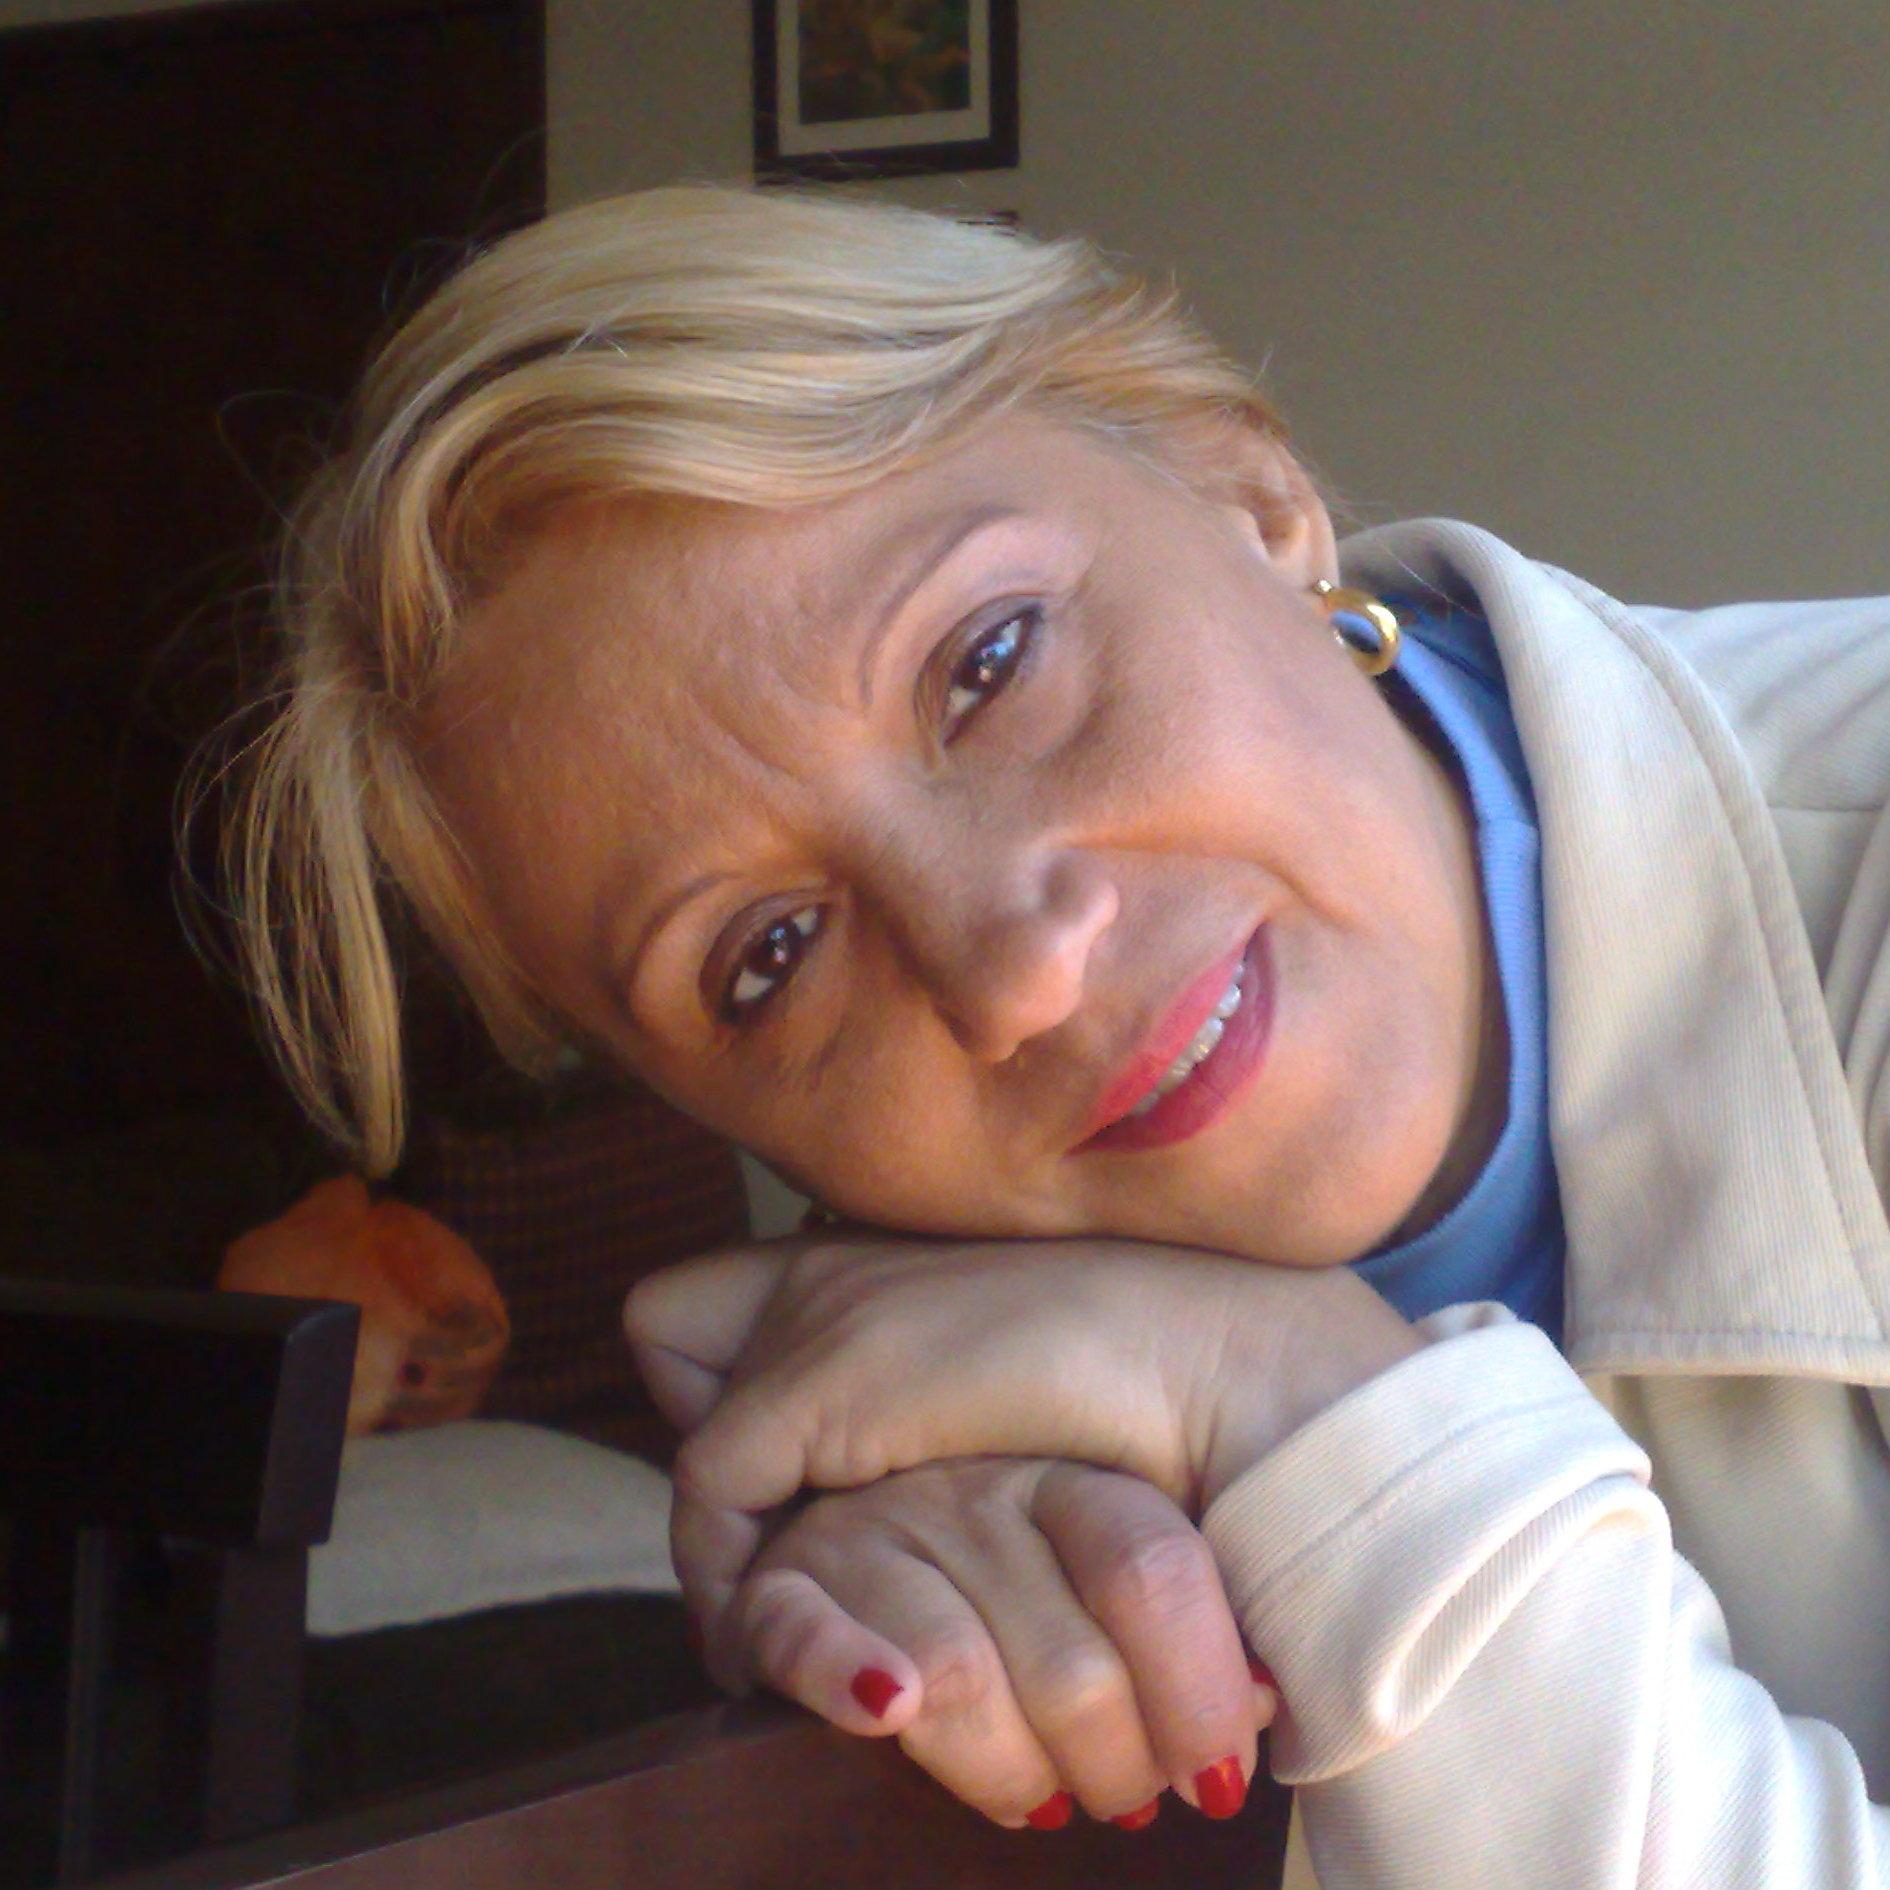 LUCIA DE SOUZA SILVA